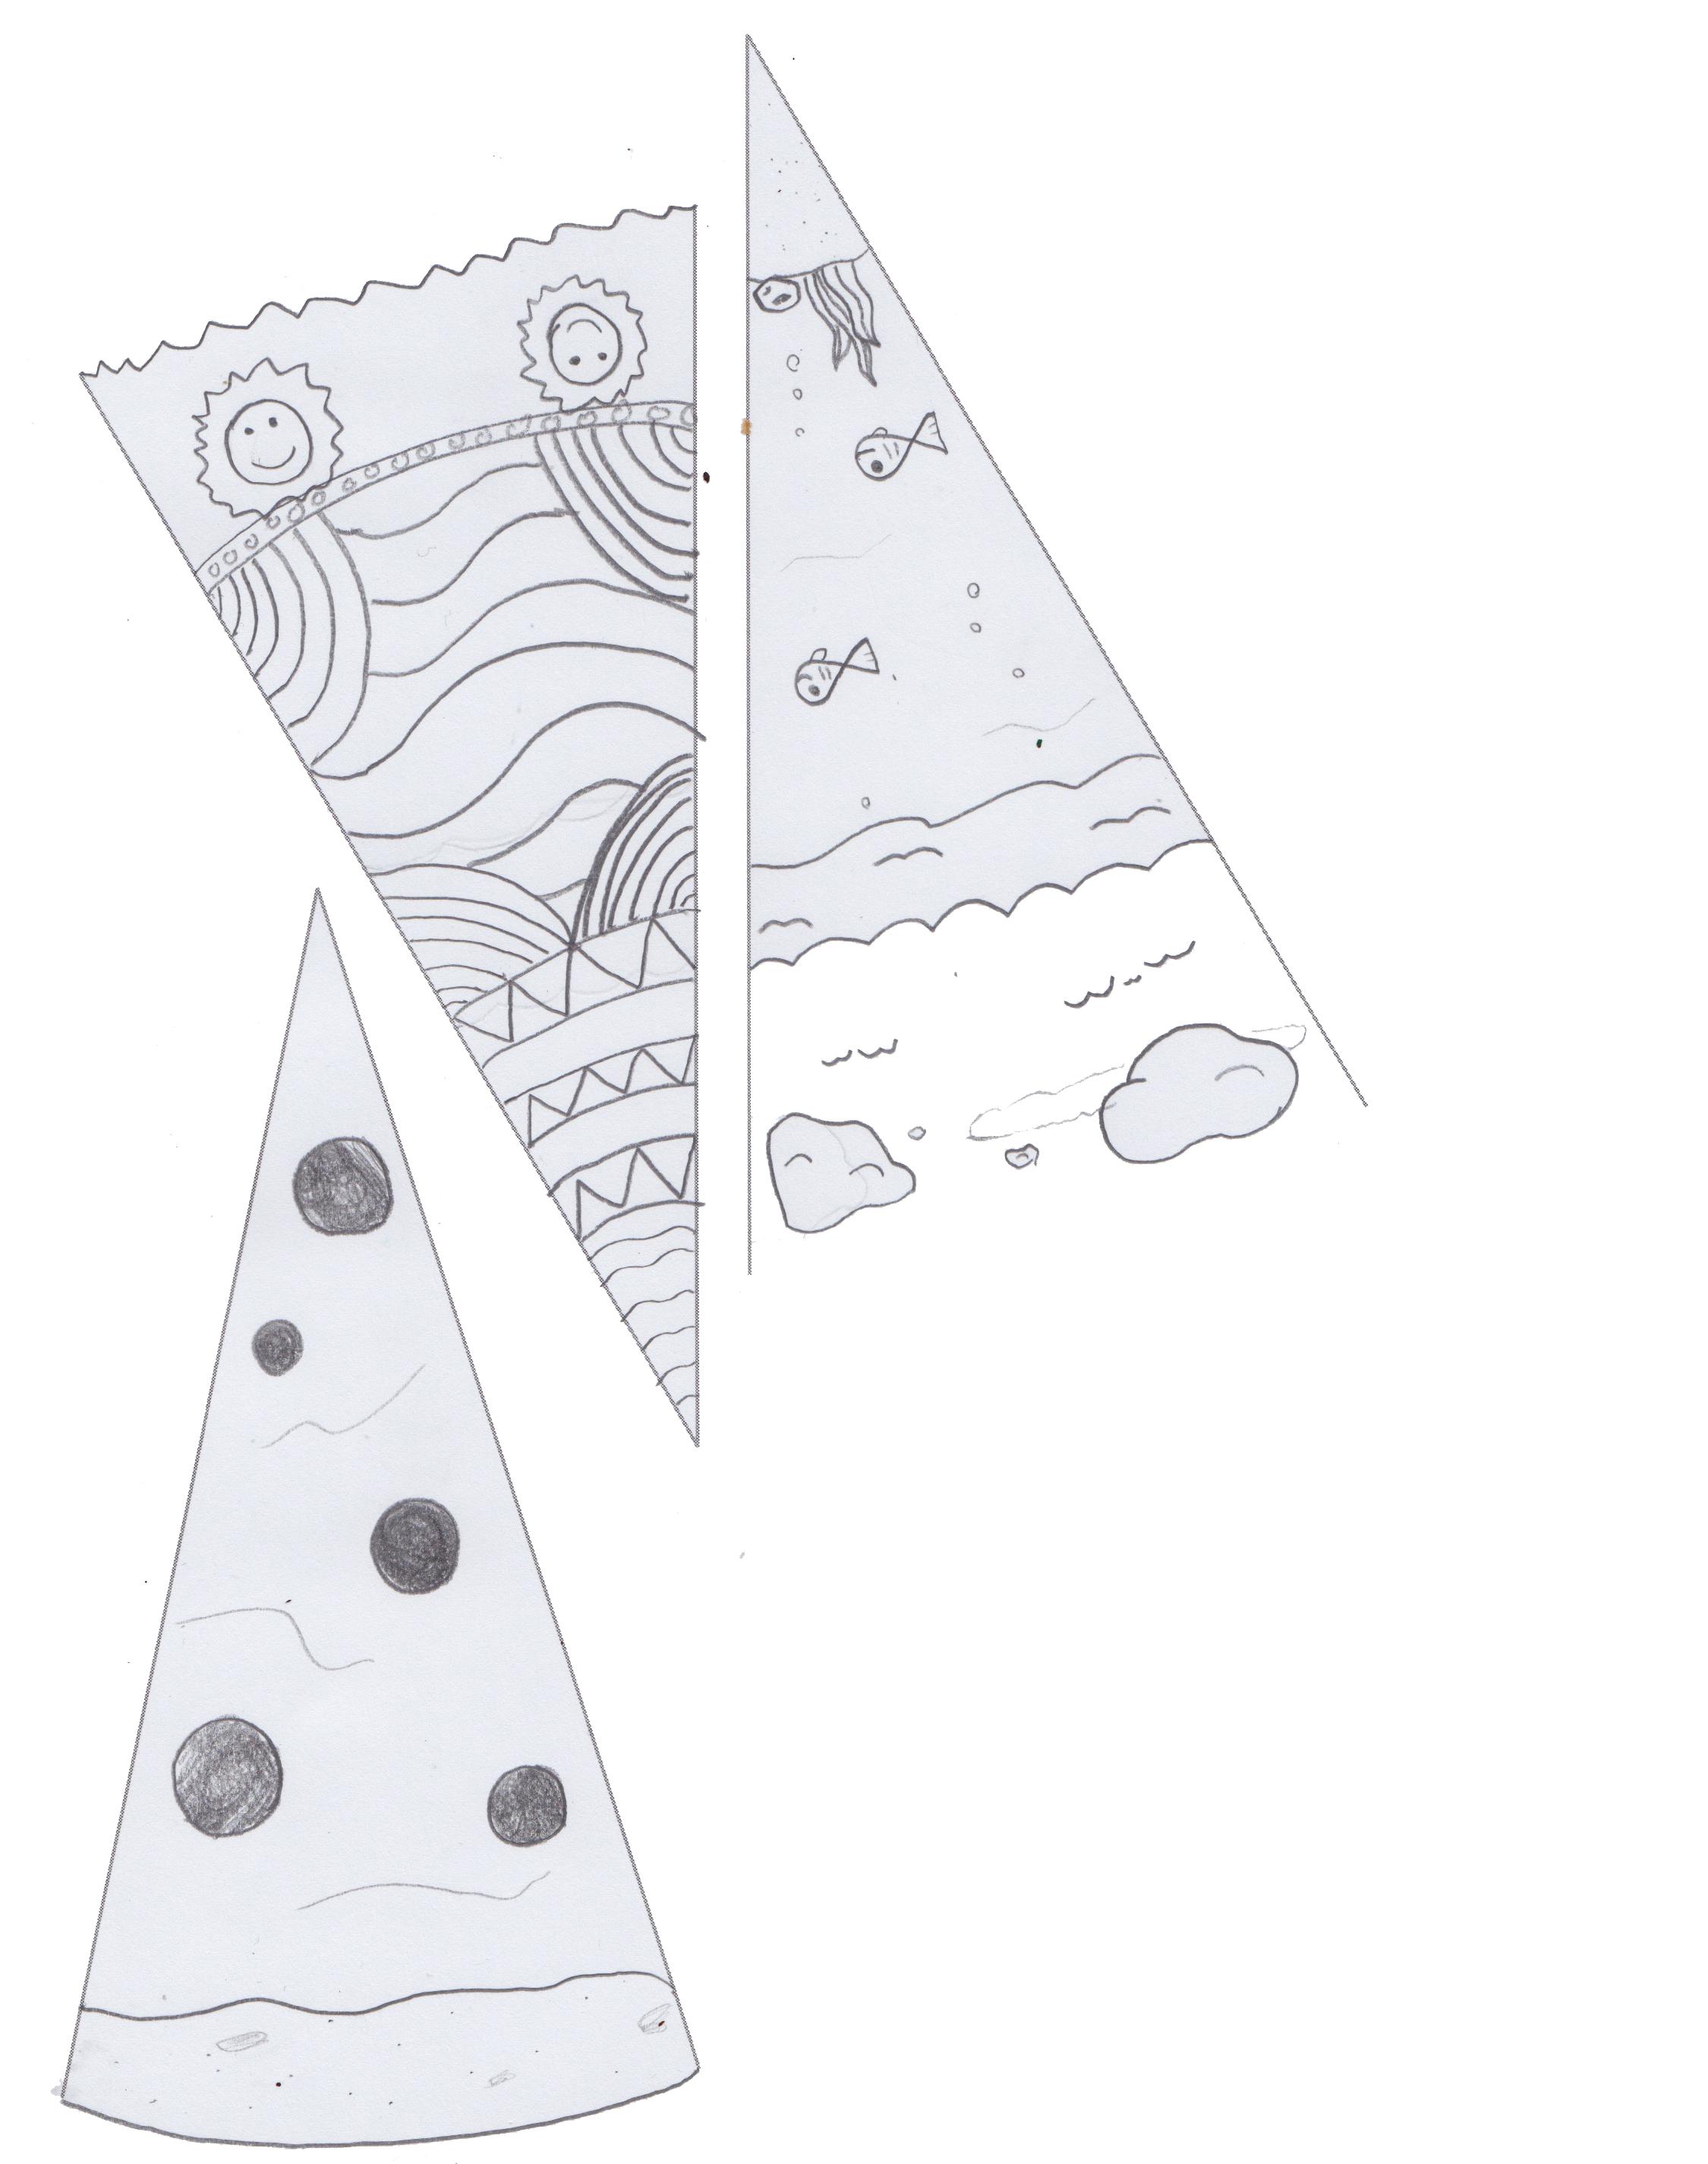 Mandala Worksheet Digital Art A B